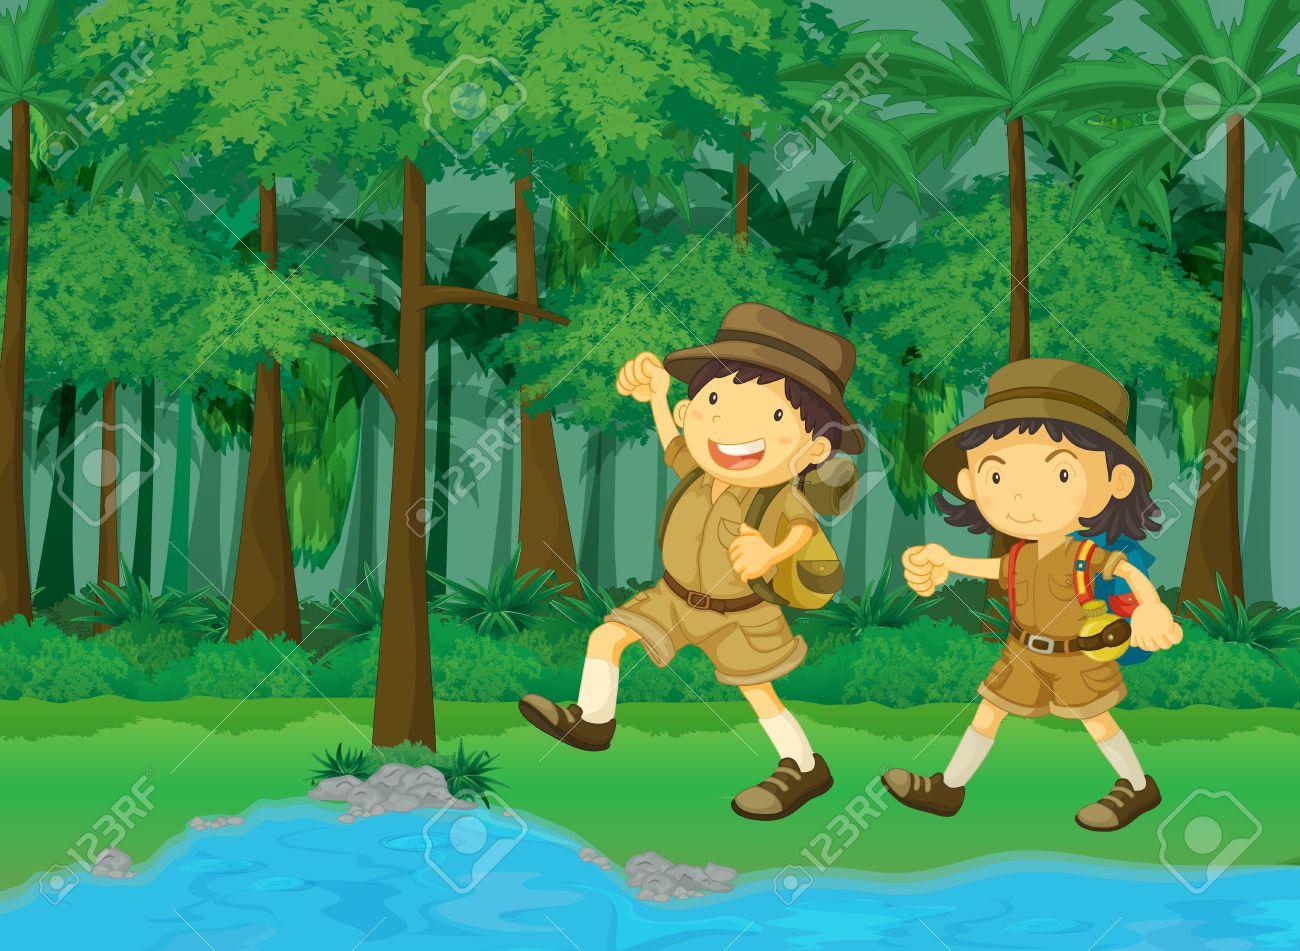 rainforest and water cartoon scene Stock Photo - 13215766